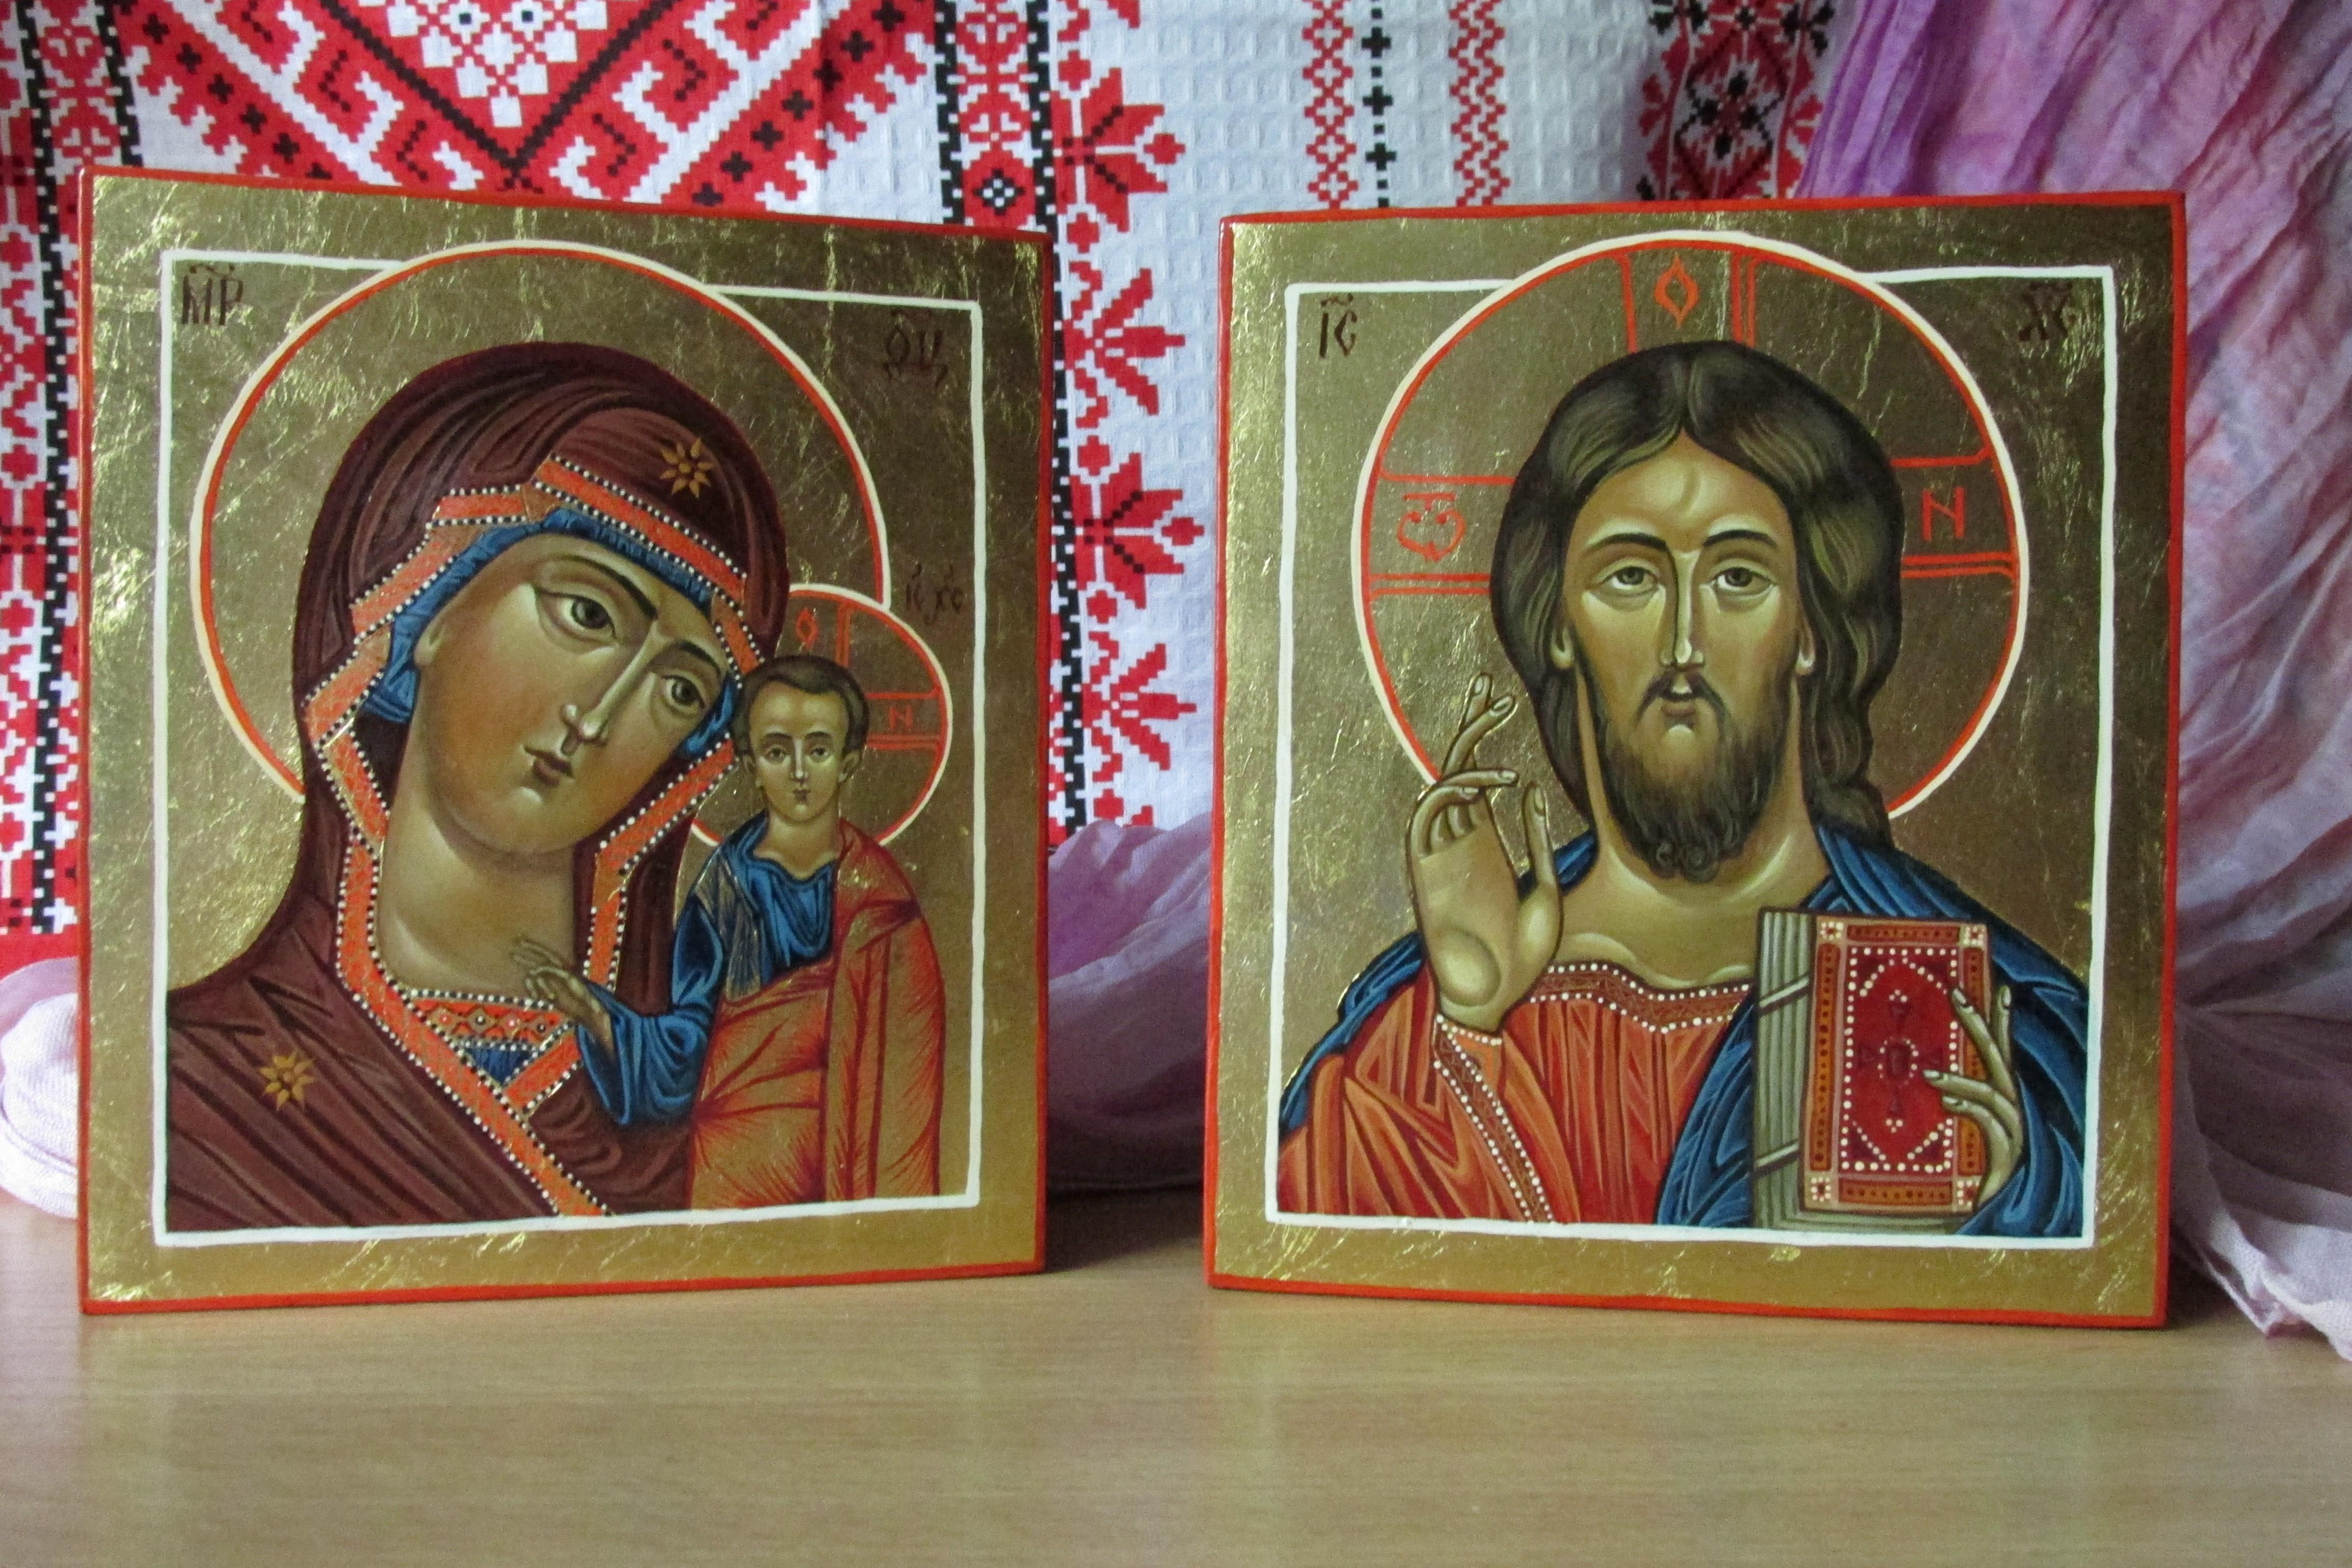 Какую икону дарят на свадьбу и как правильно благословить молодых